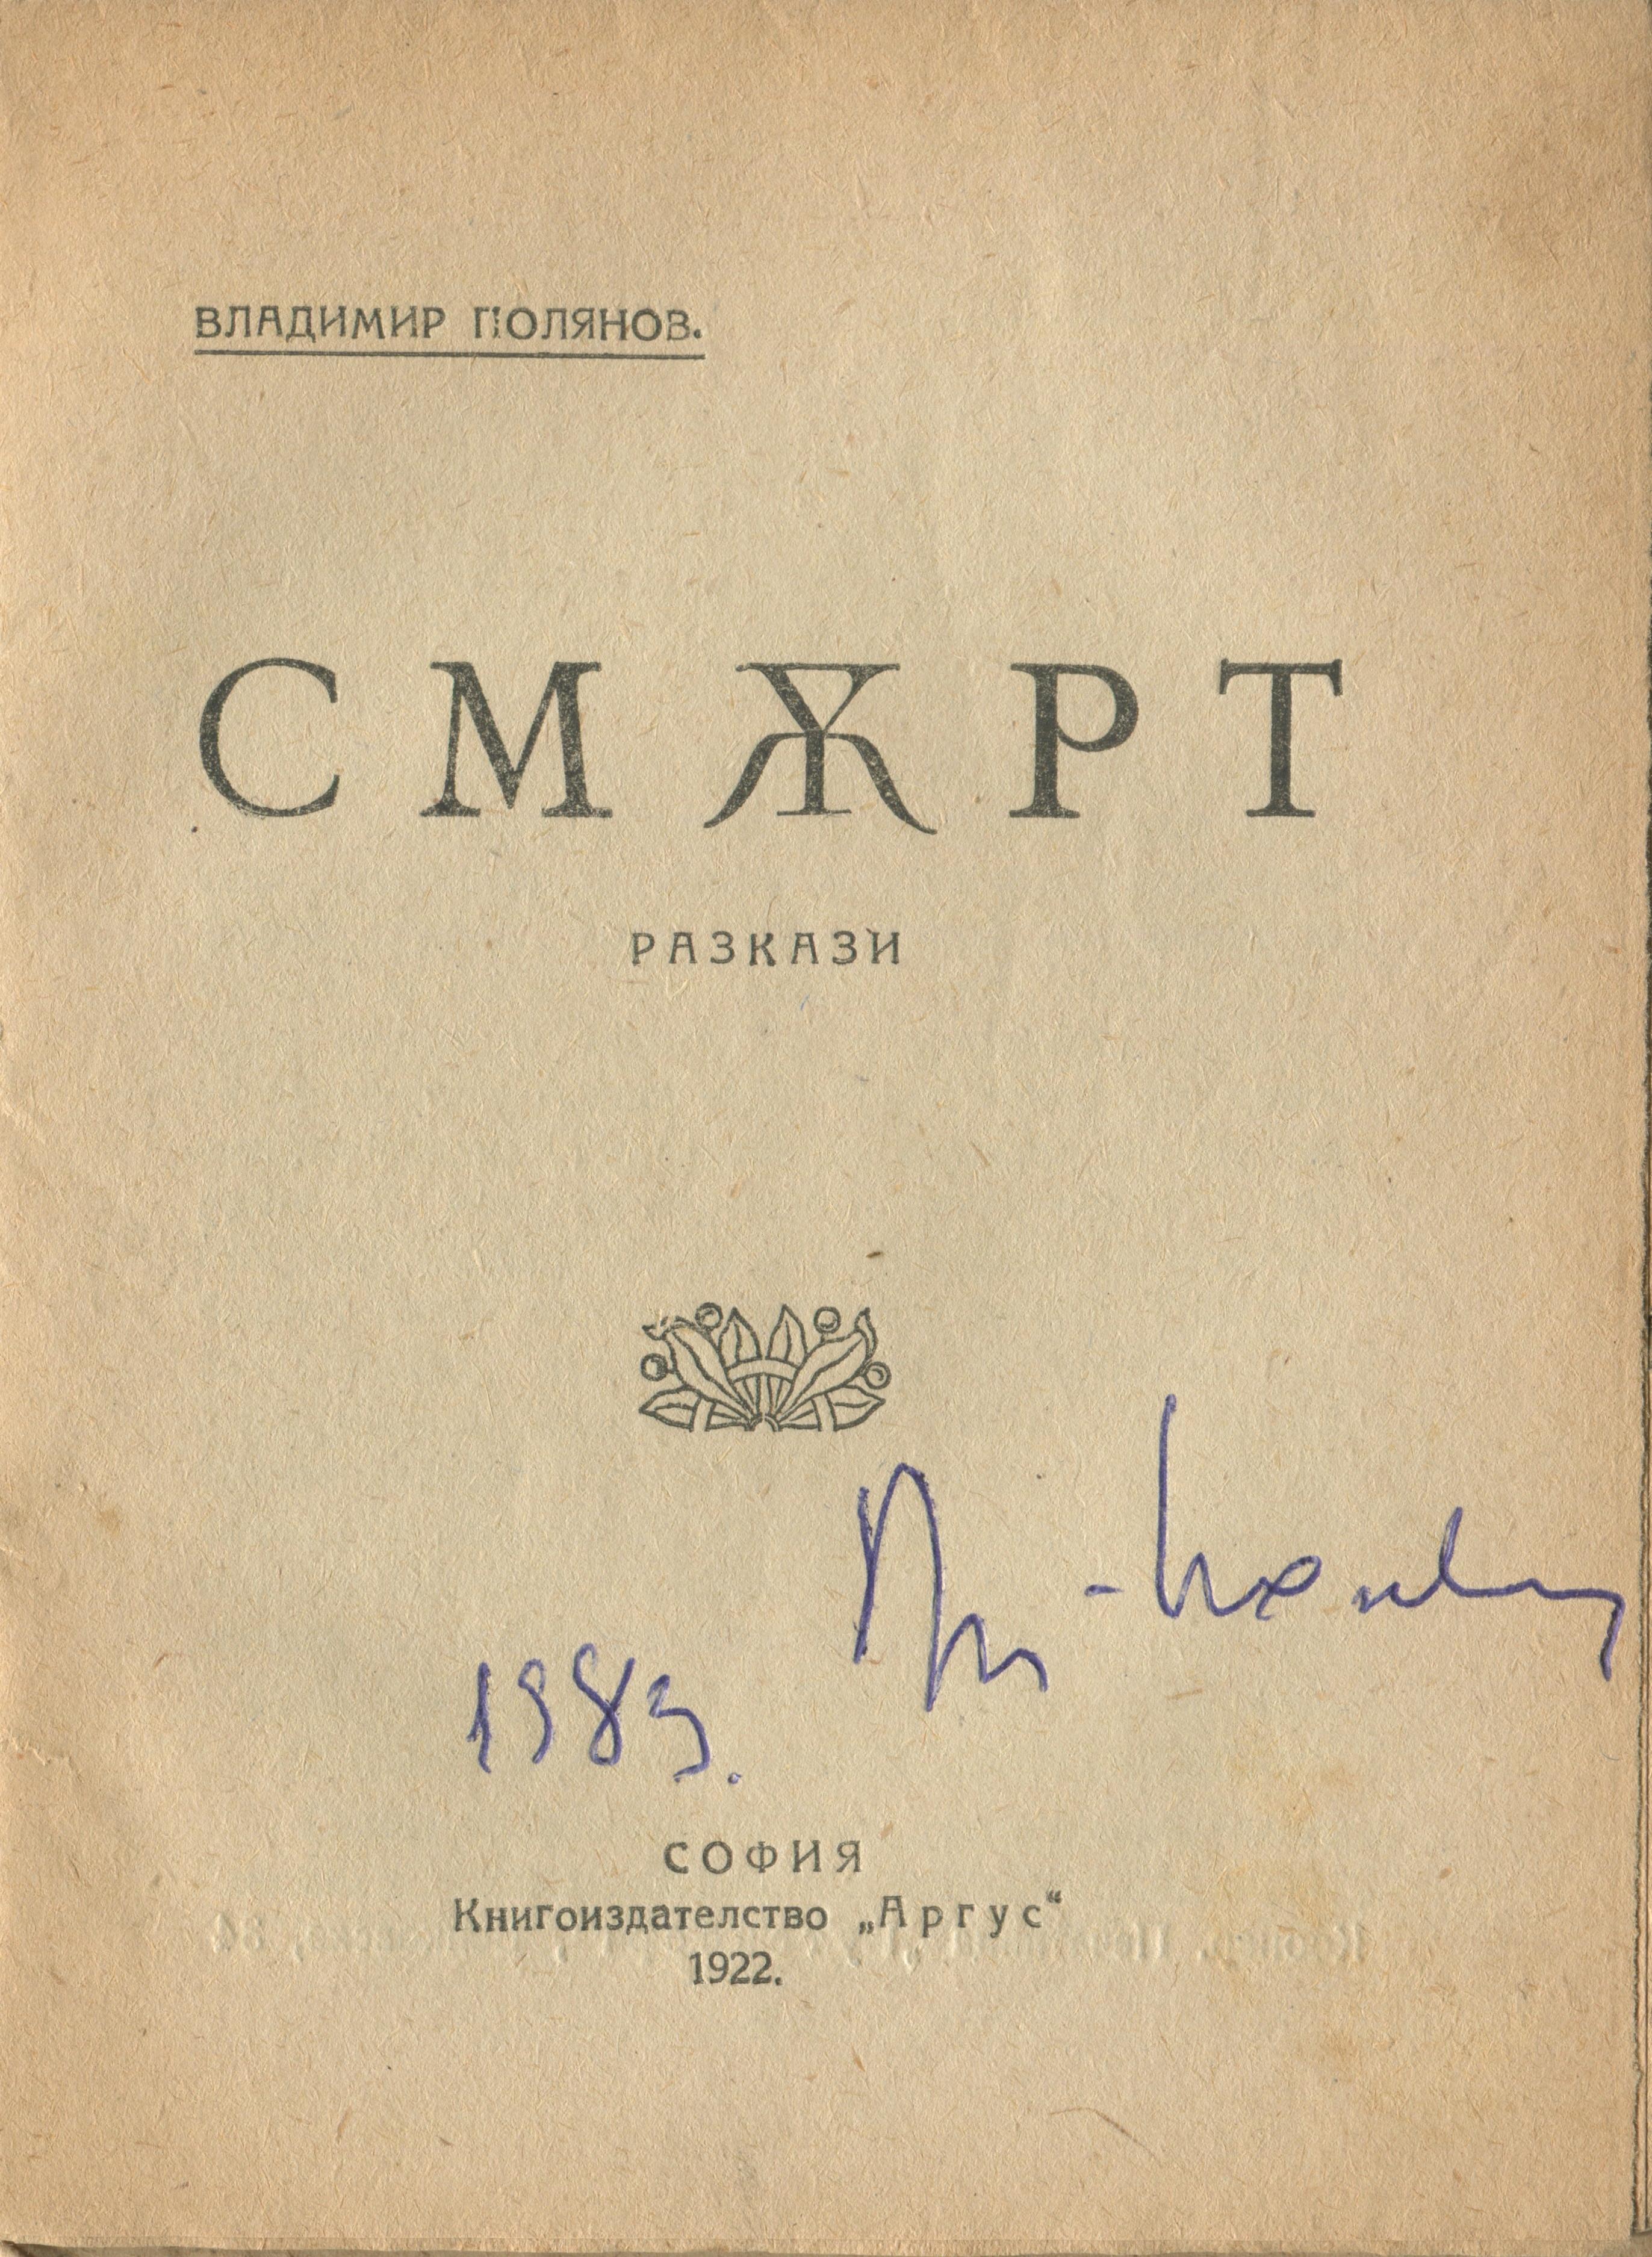 Автограф за Петър Величков. Полянов изписва само годината на срещата и казва, че няма да пише името, защото не е редно да го прави на толкова отдавна излязла книга